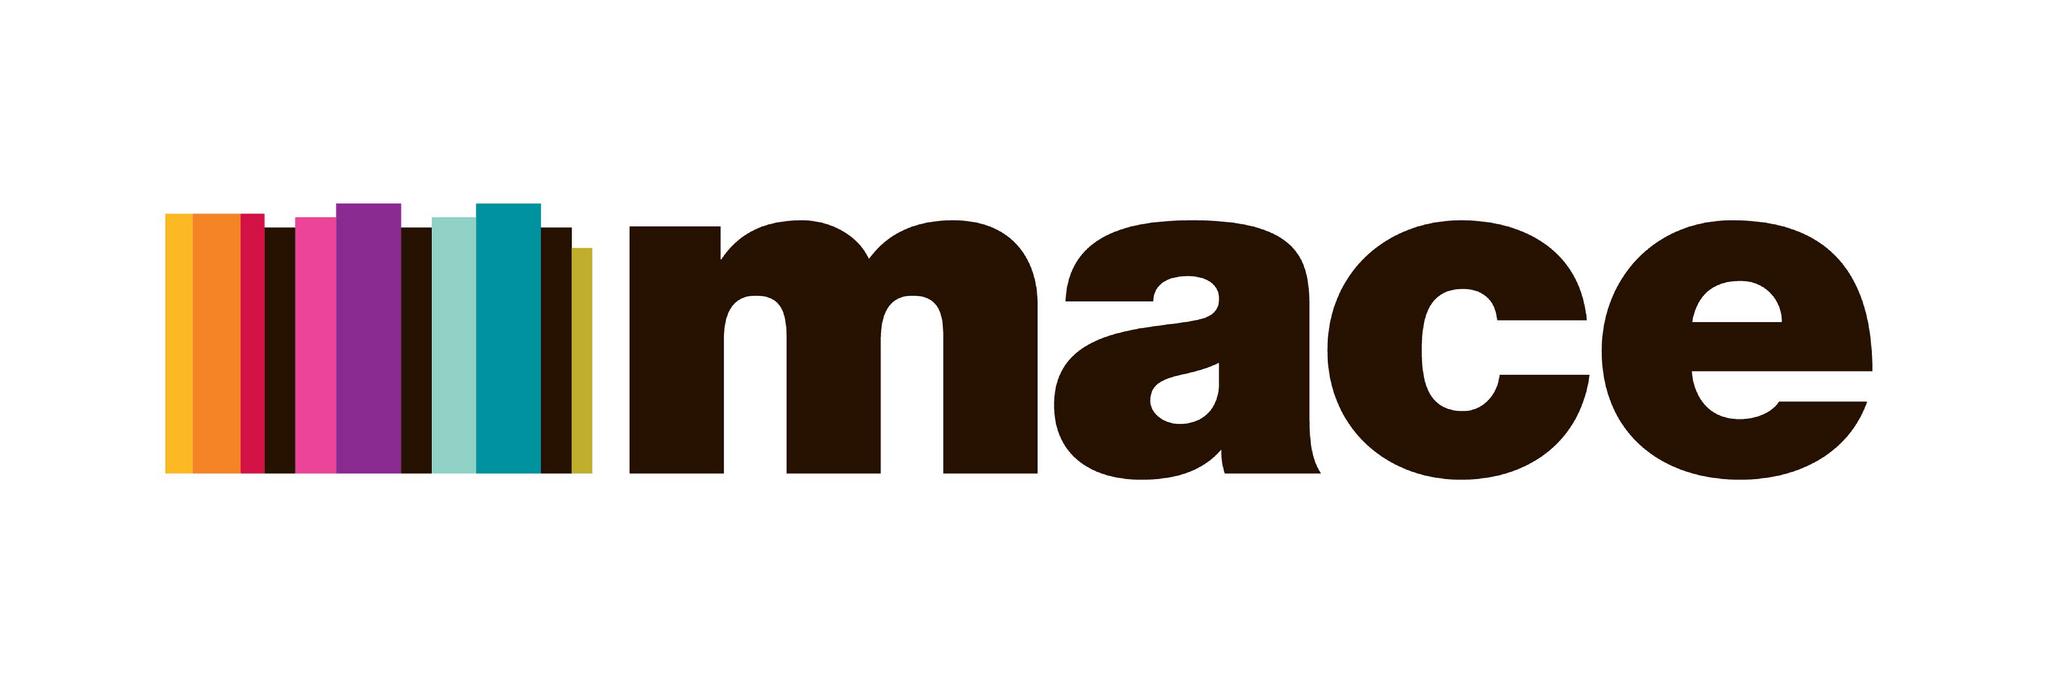 Mace-.jpg-1.png